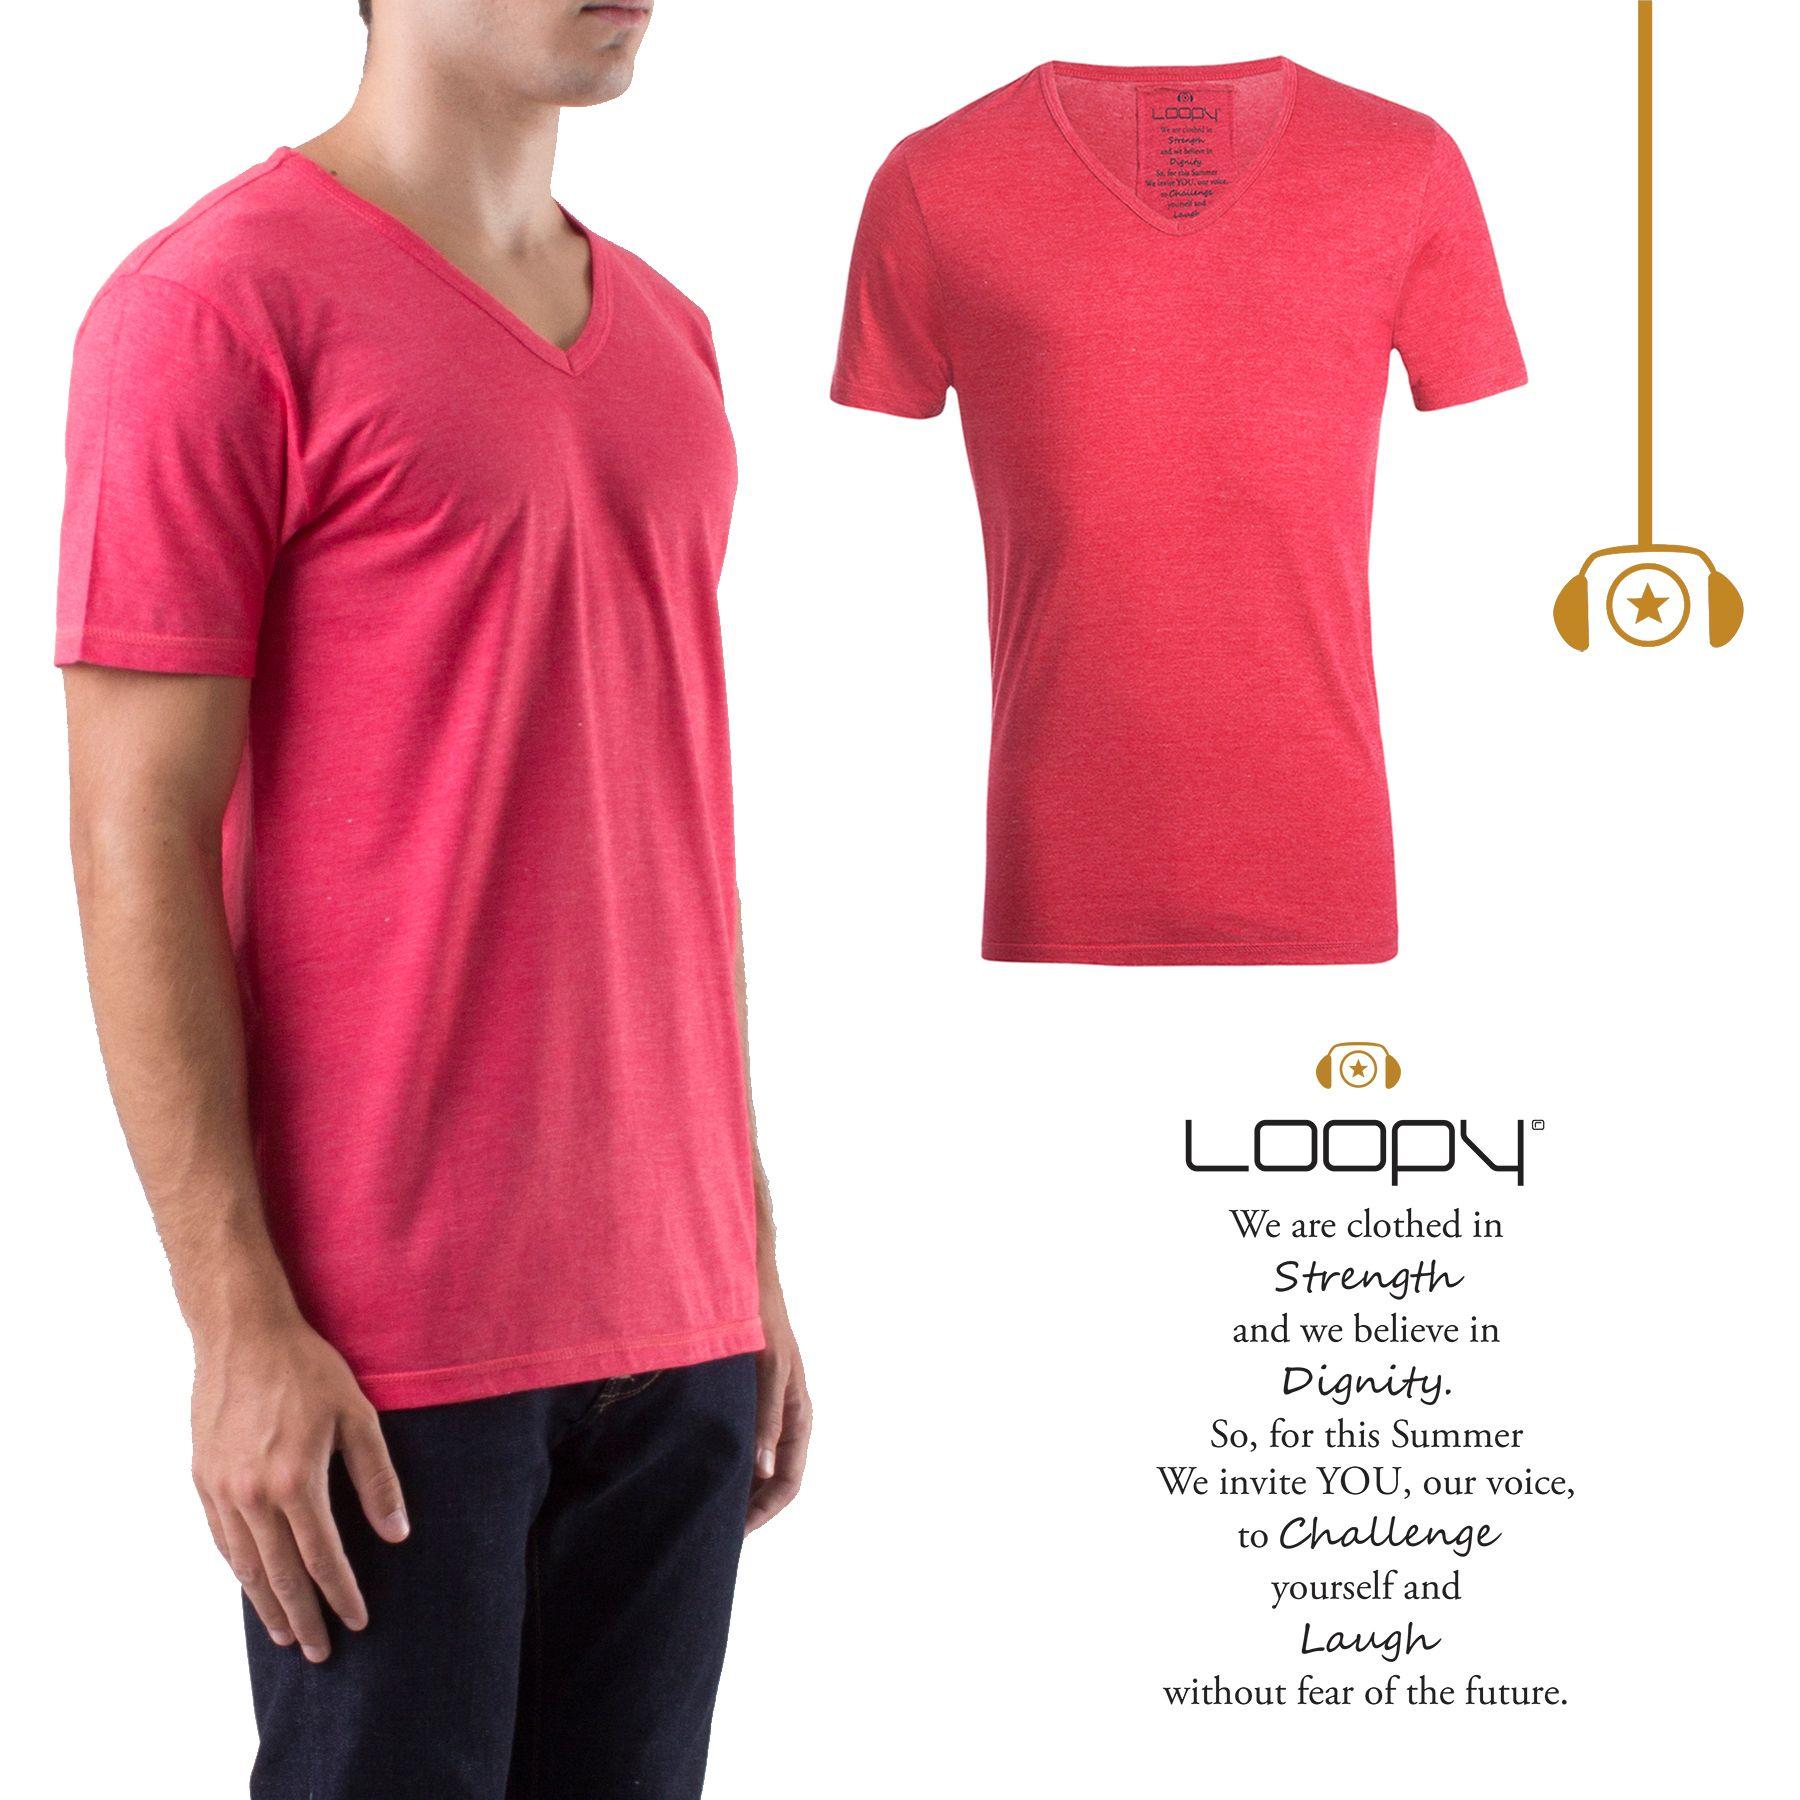 Camiseta L.A. da nossa coleção Califórnia.   Sucesso de vendas!!!!!  Disponível na loja Loopy e no e-commerce.   #loopy #loopyoficial #loopyteam #2014deloopy